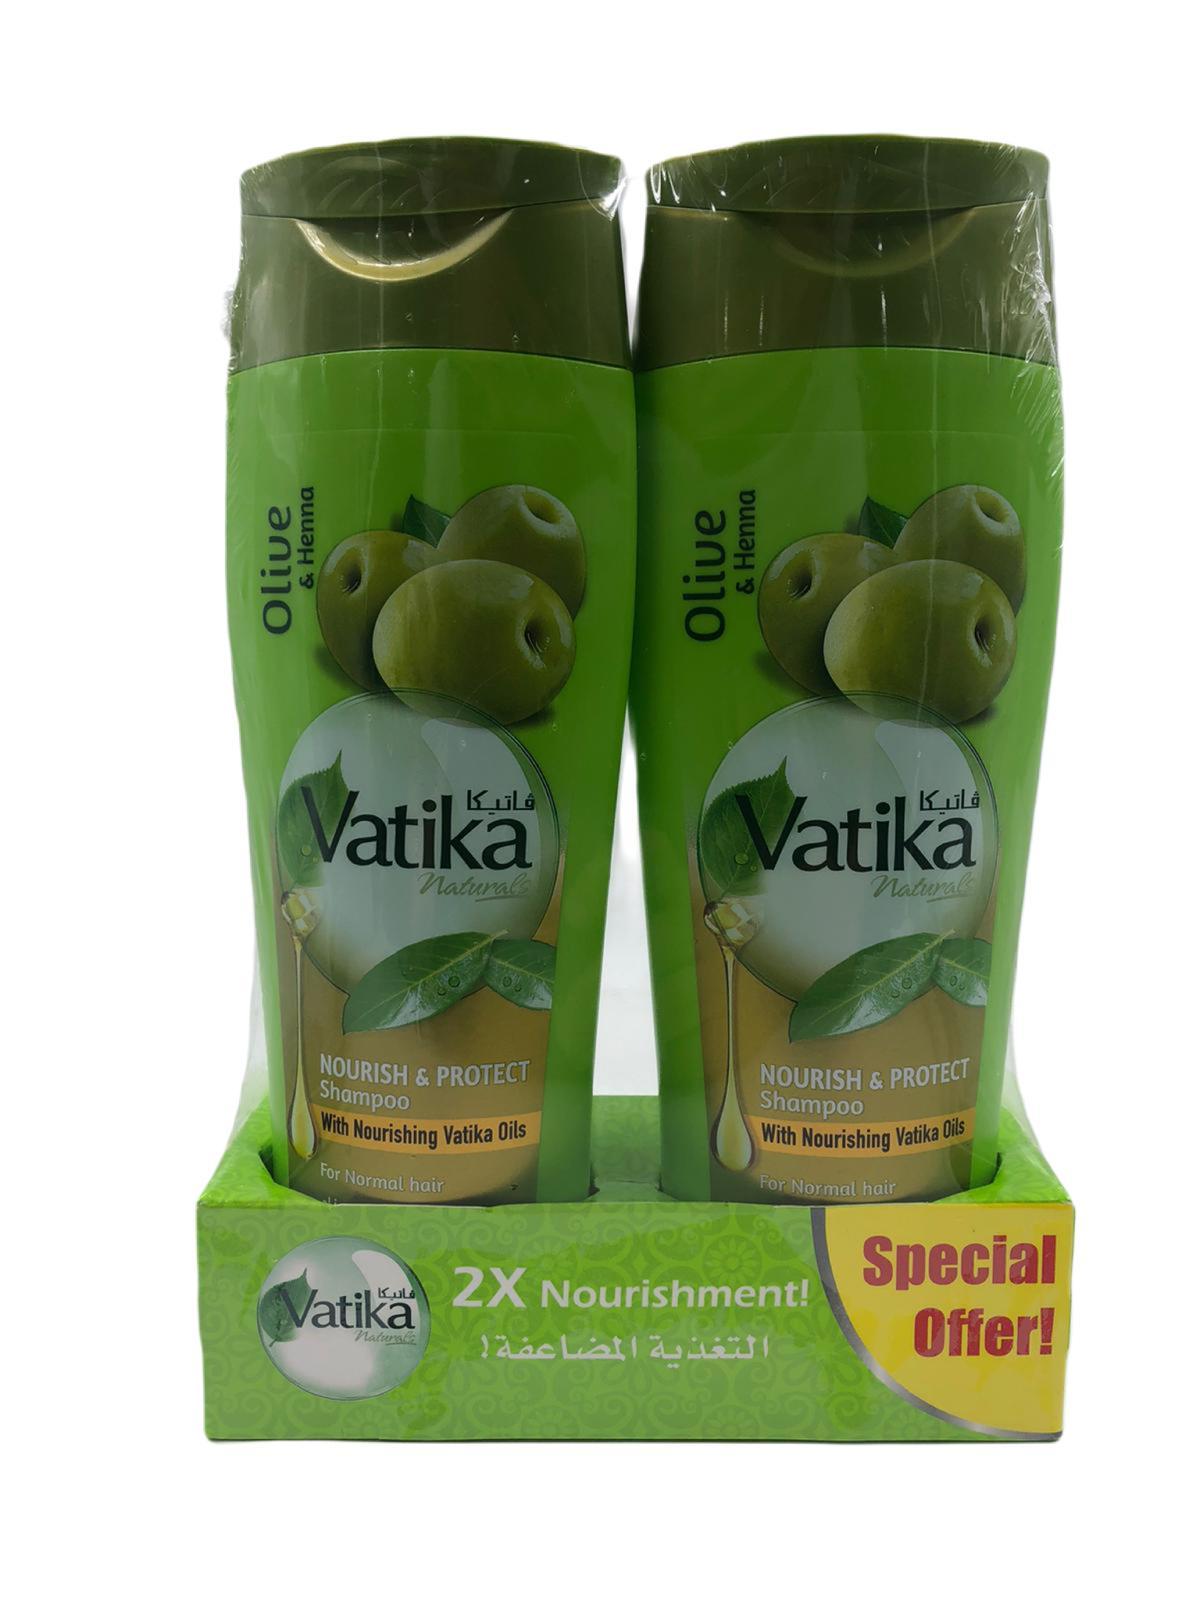 Vatika Shampoo Nourish & Protect 400ml*2pcs